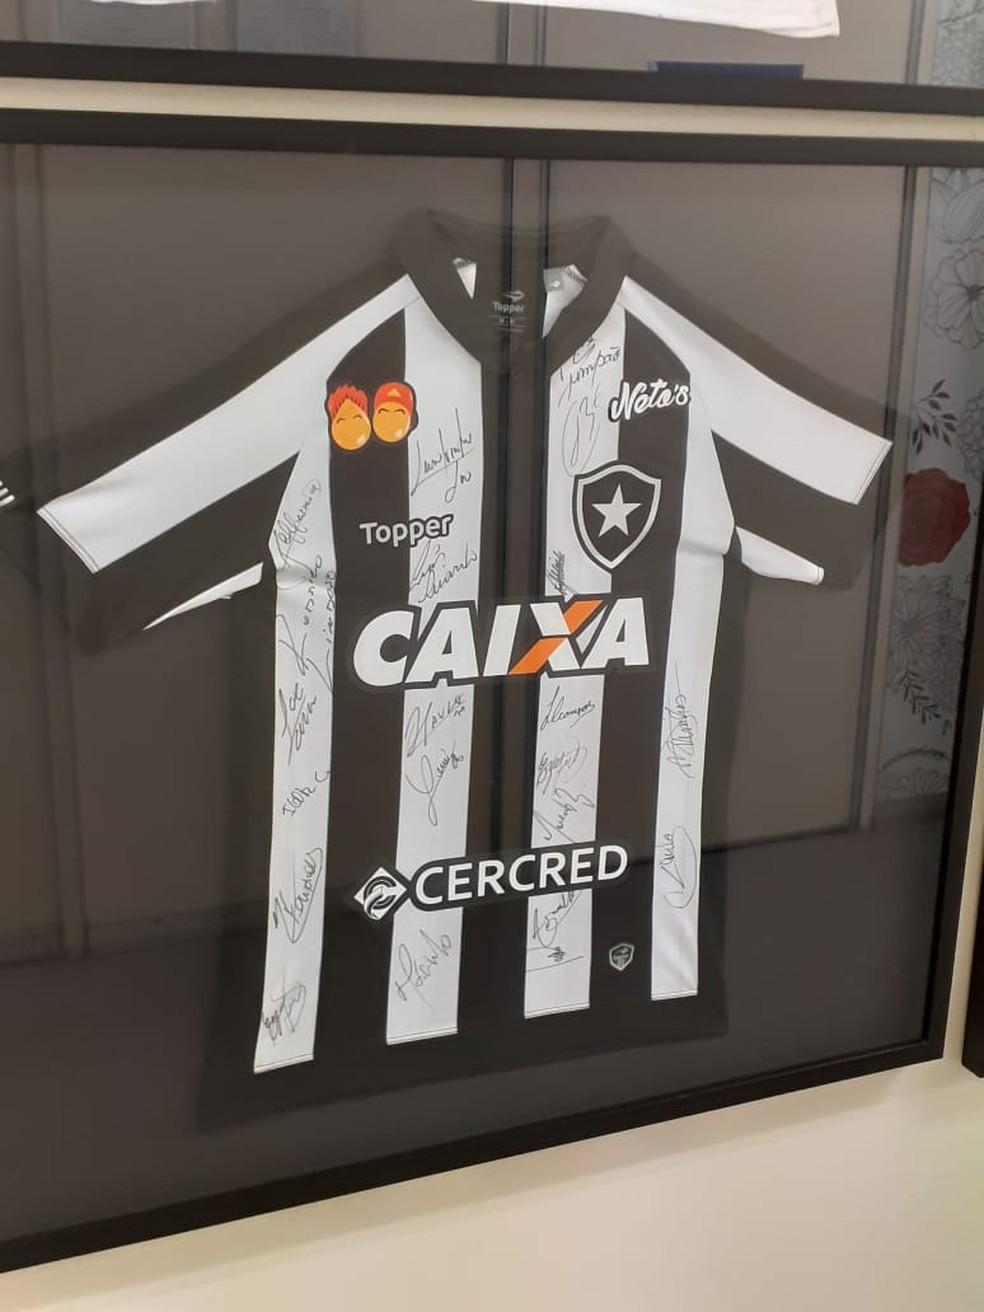 Camisa autografada de 2018 pelos jogadores do Botafogo consta no hall de clubes doadores — Foto: Divulgação